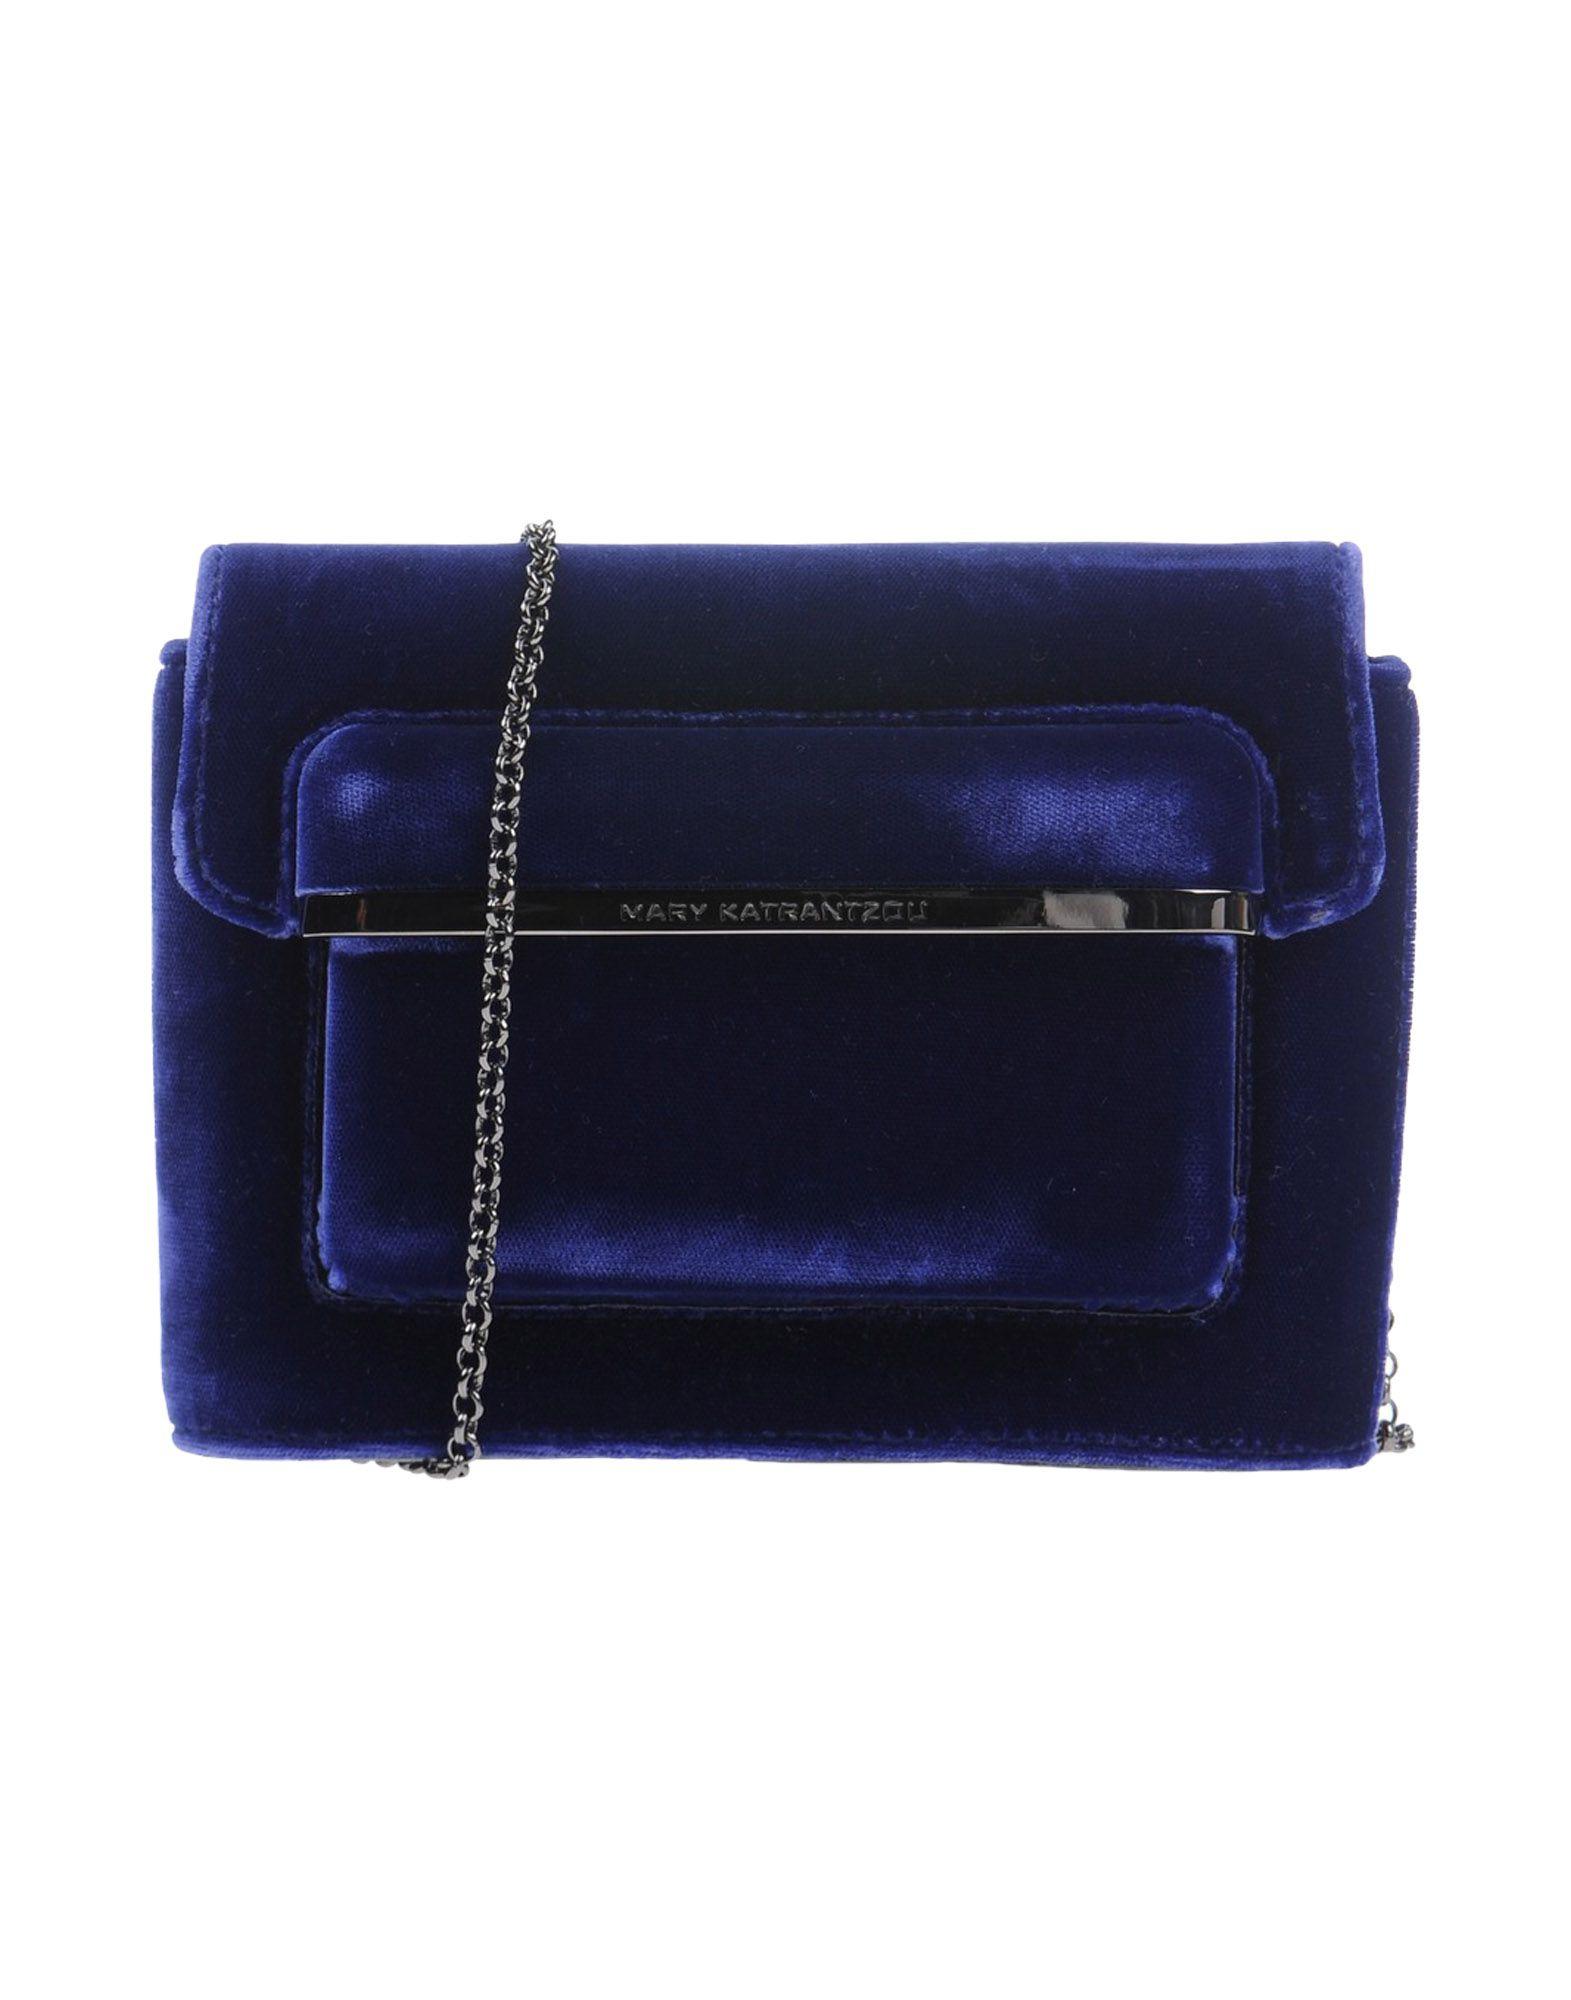 MARY KATRANTZOU Damen Handtaschen Farbe Dunkelblau Größe 1